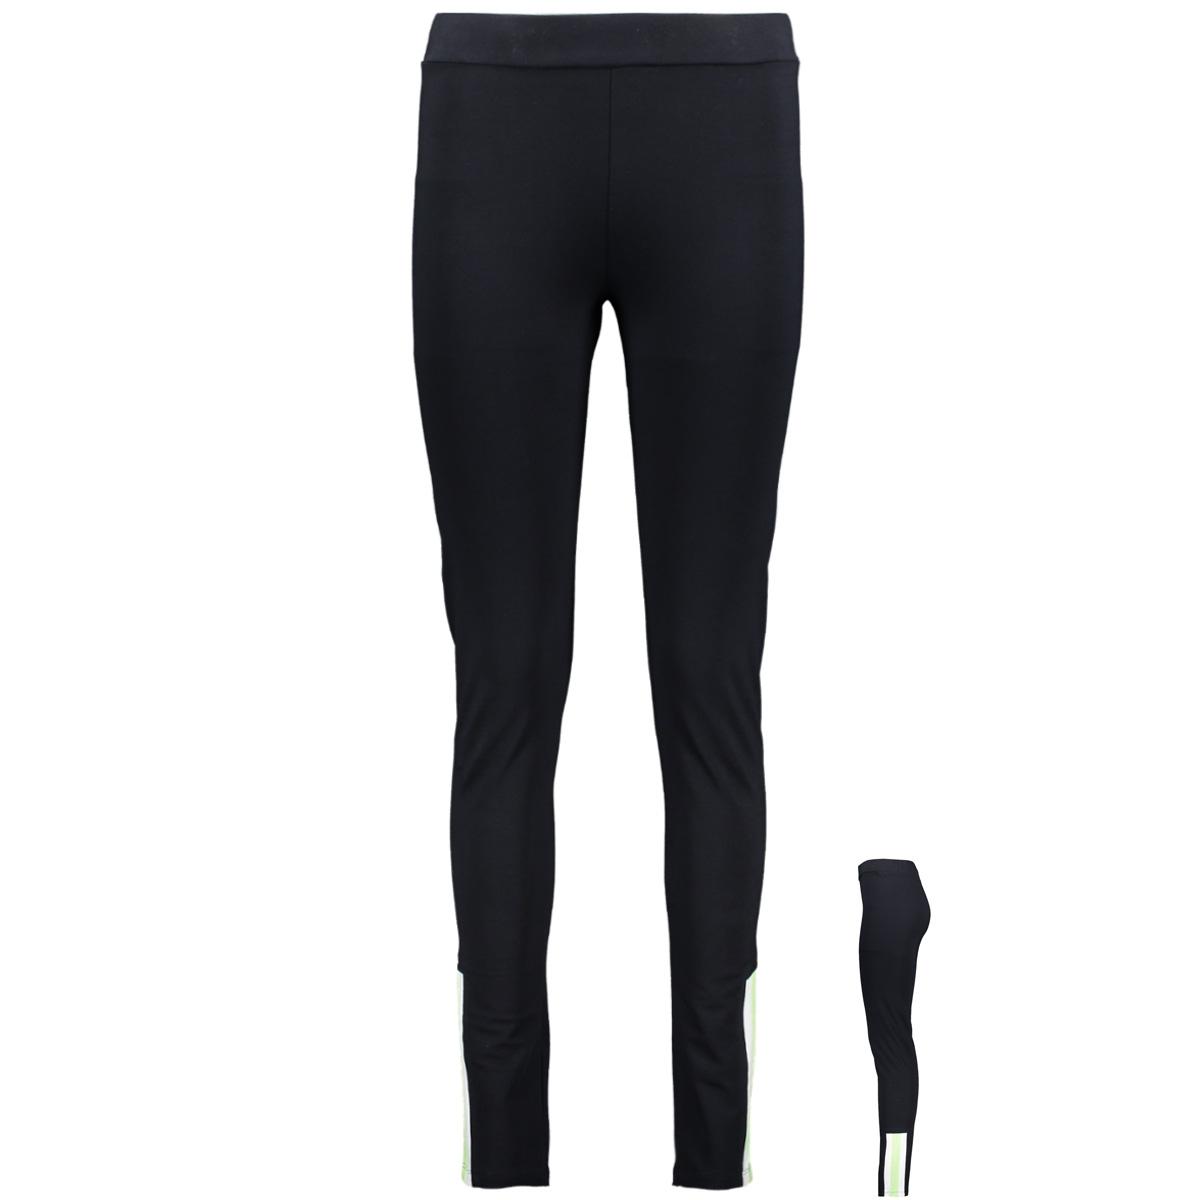 sammy tight pant 192 zoso legging navy/green